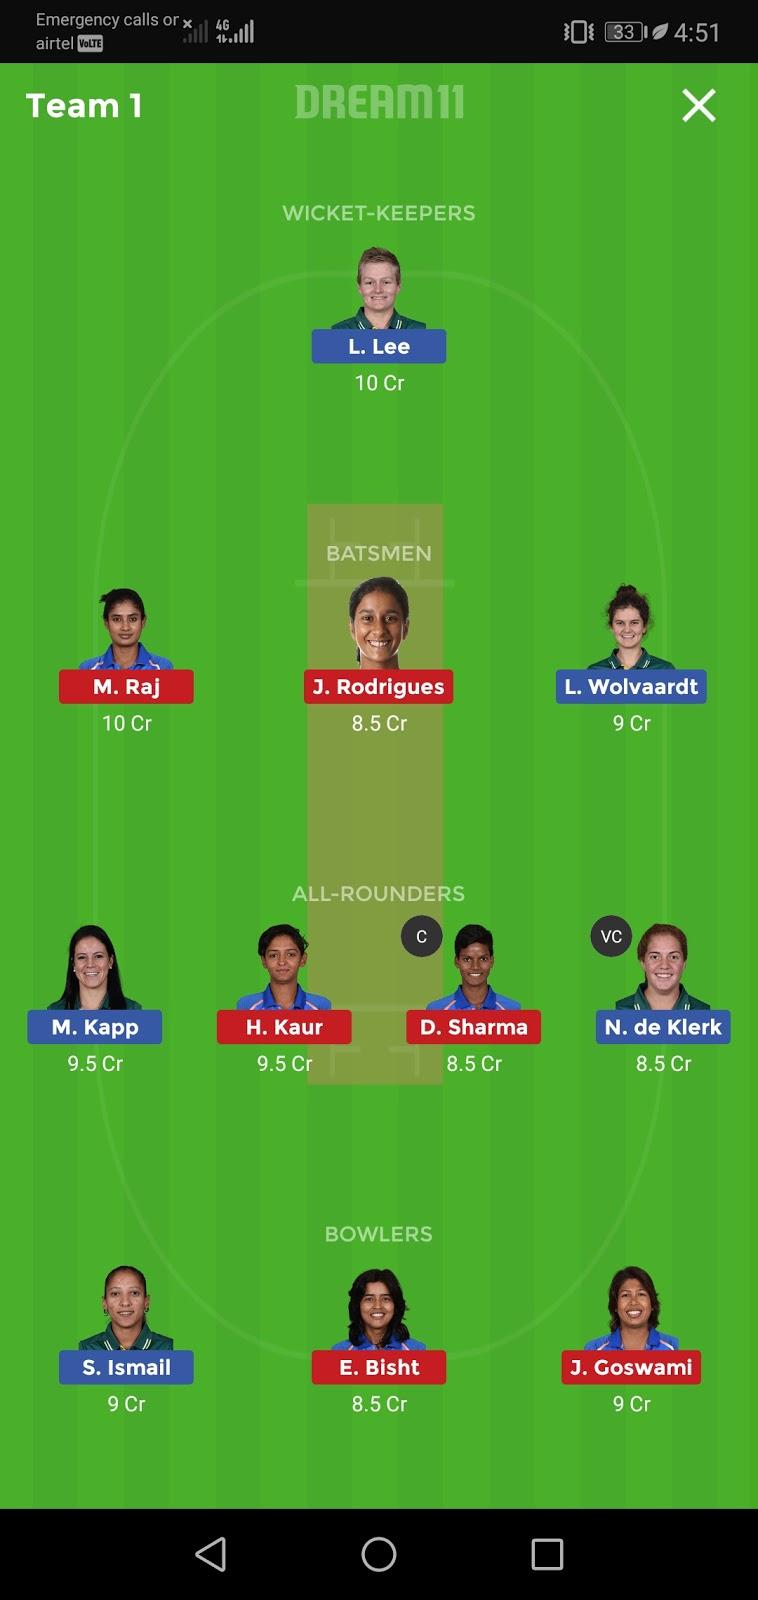 Dream11 prediction,SA-w vs ind-w 2nd ODI match Dream11 team,